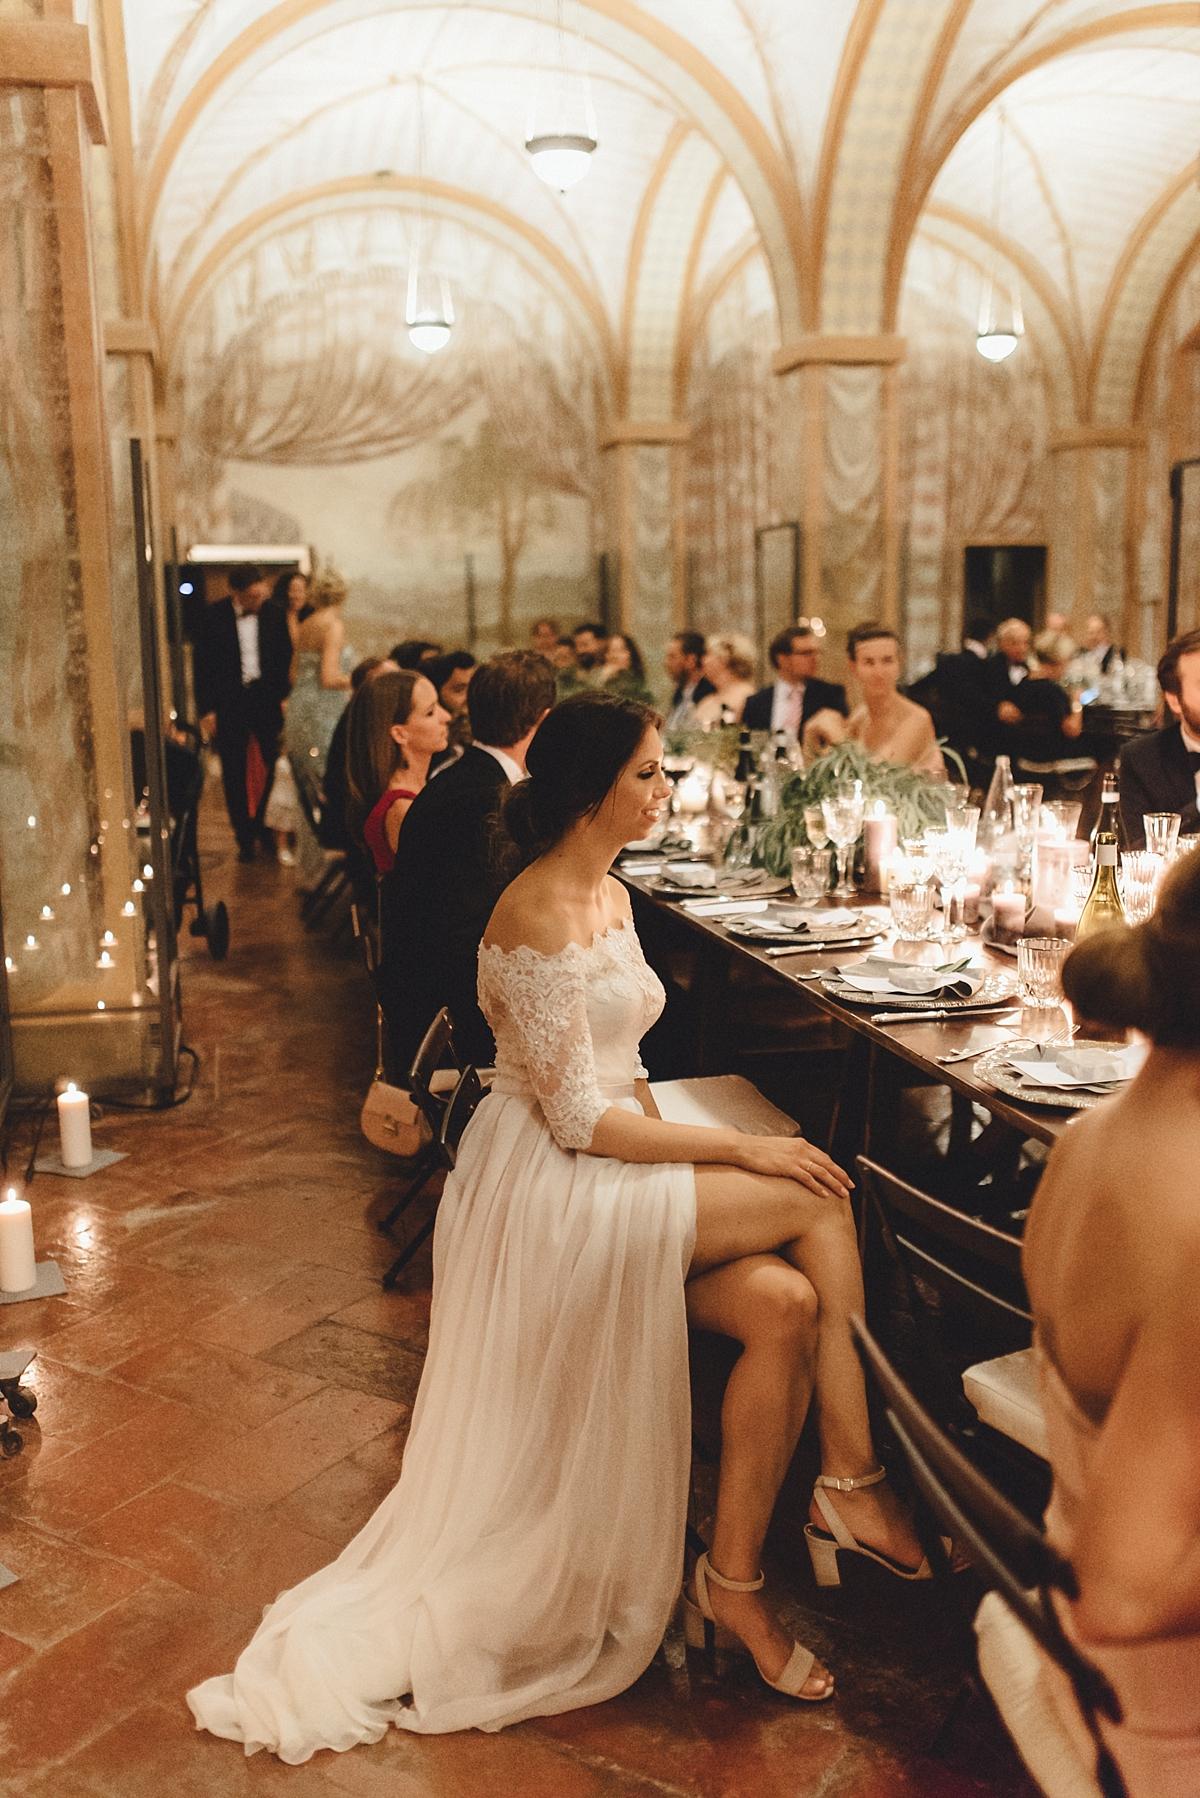 hochzeitsfotograf toskana Kristina & Daniel Mediterrane Toskana Hochzeithochzeitsfotograf toskana italien 2224